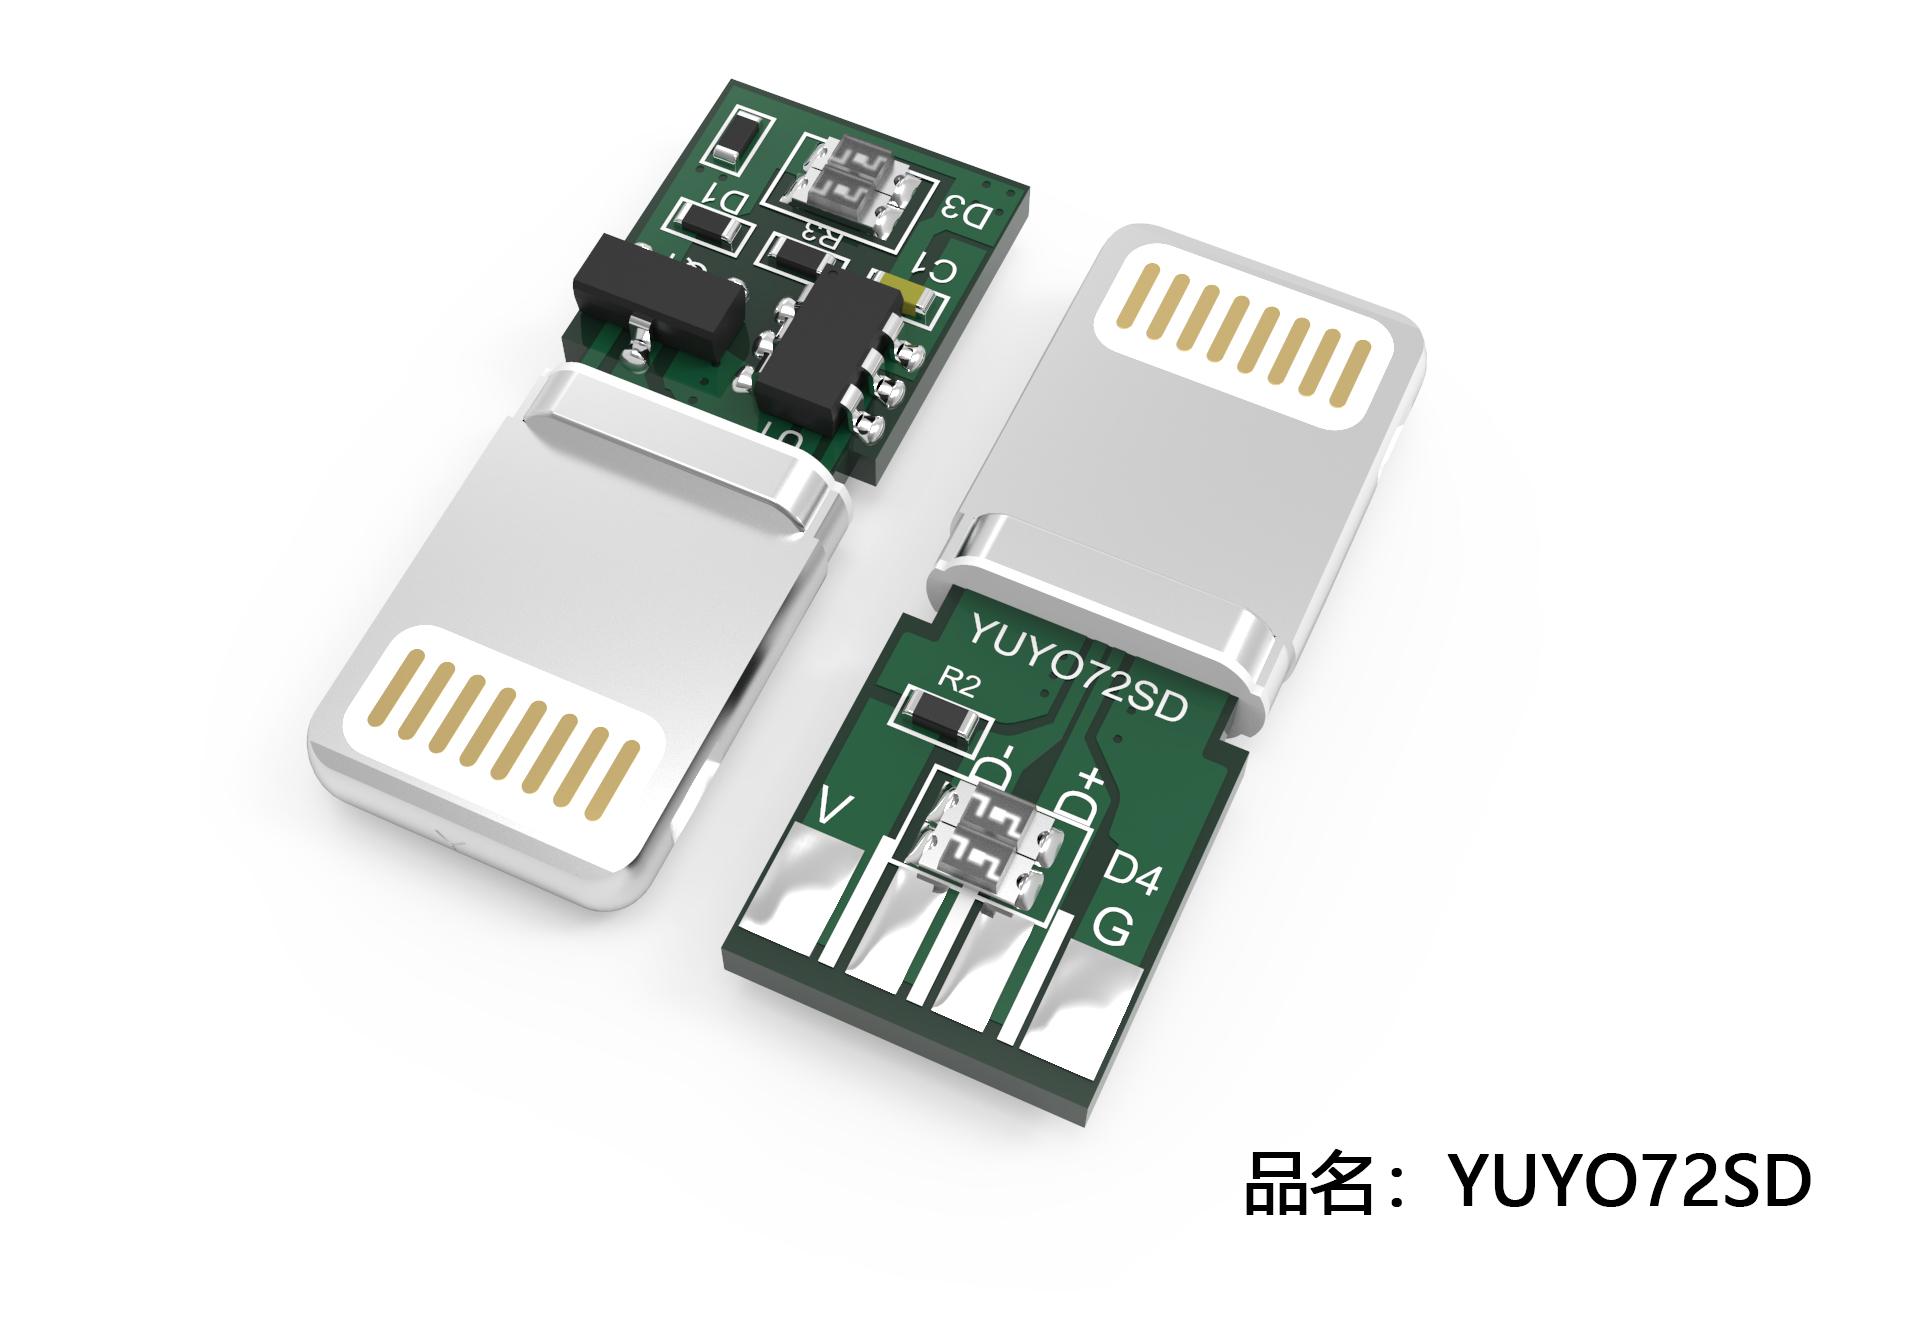 YUYO72SD